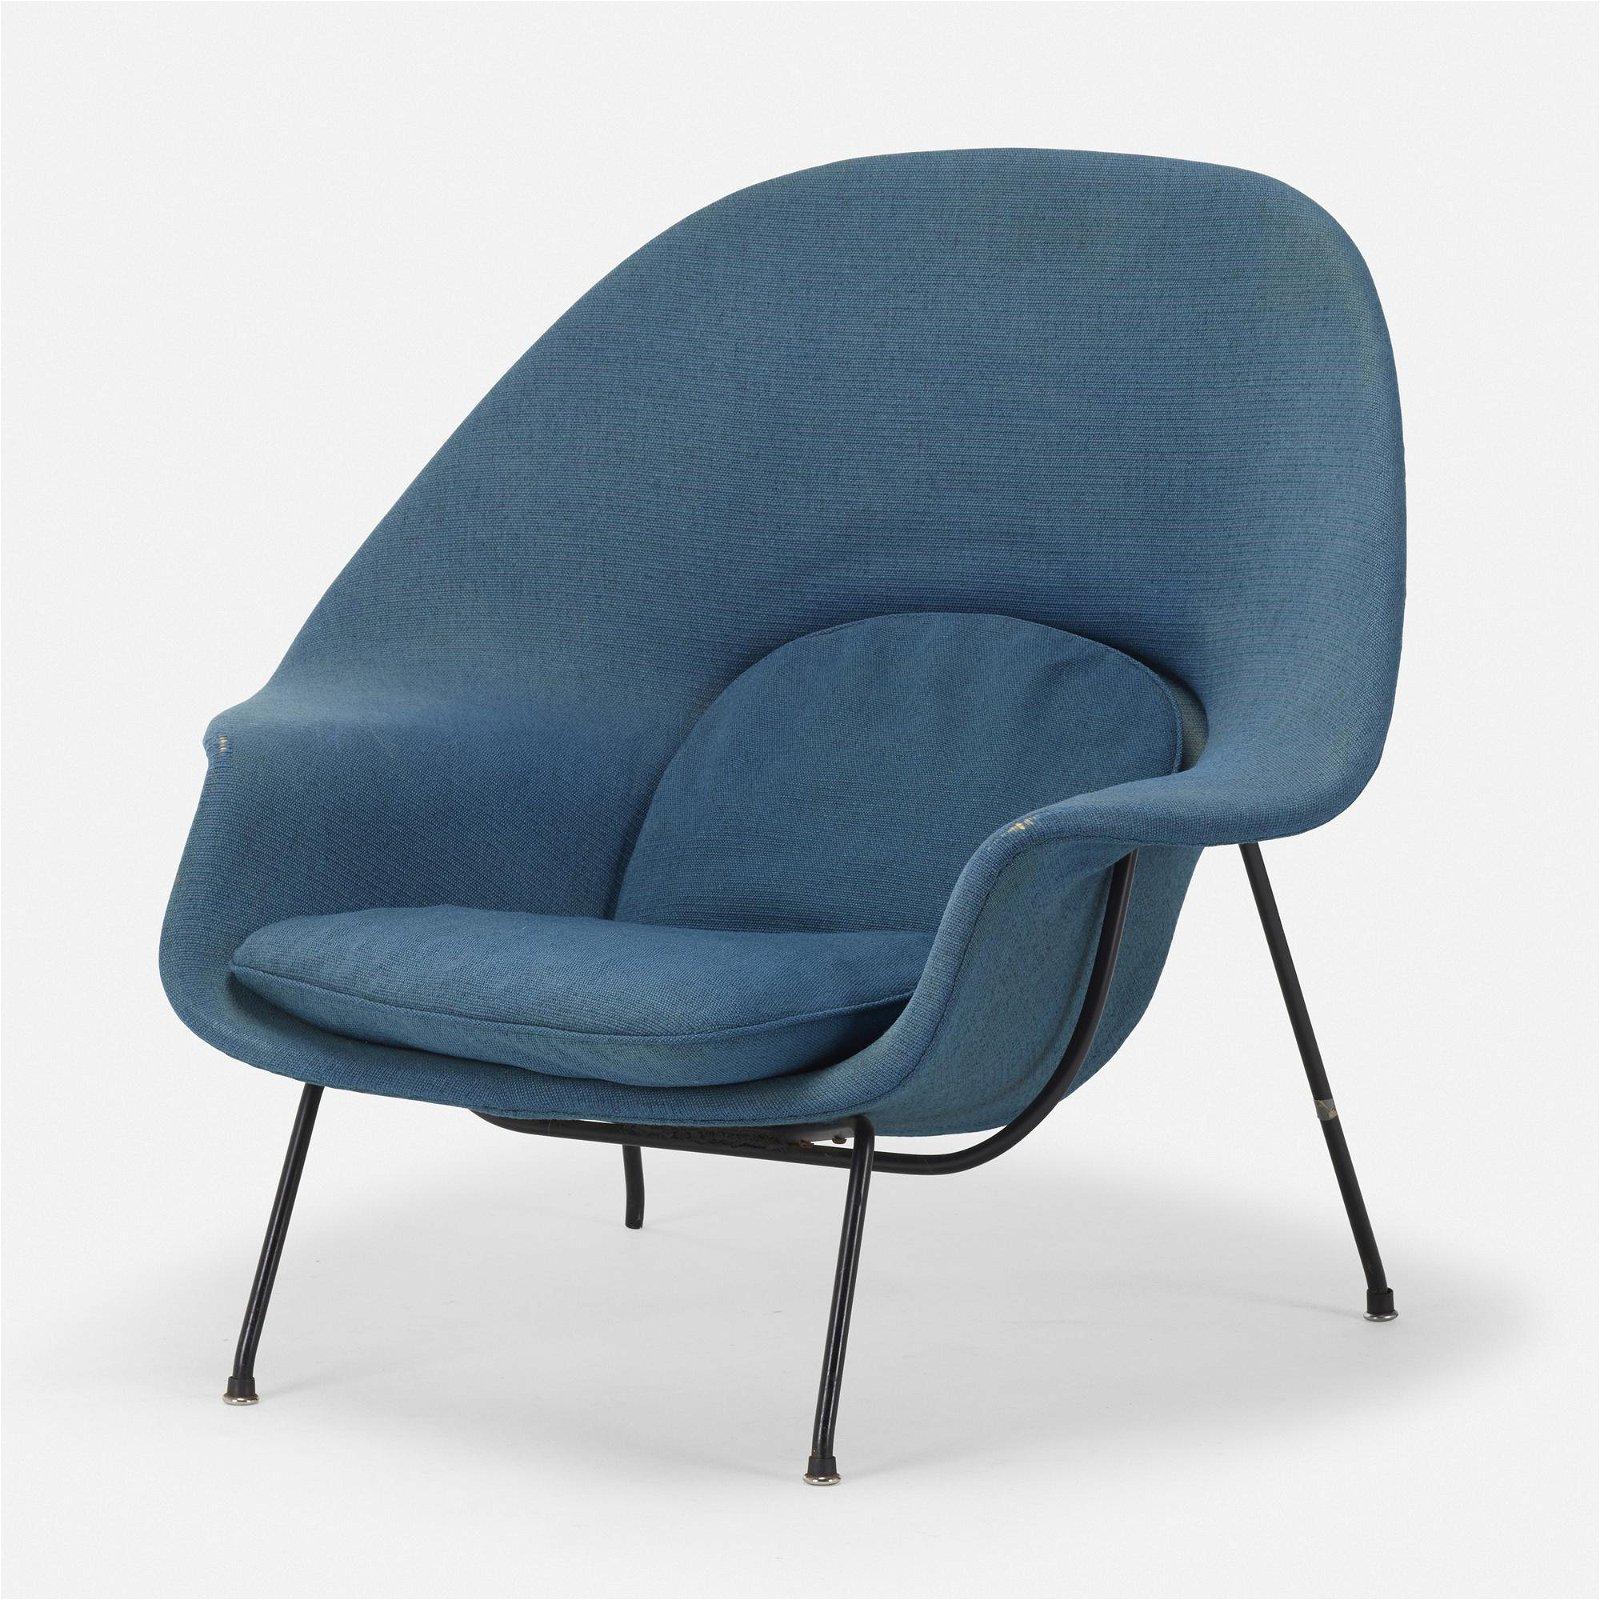 Eero Saarinen, Womb chair